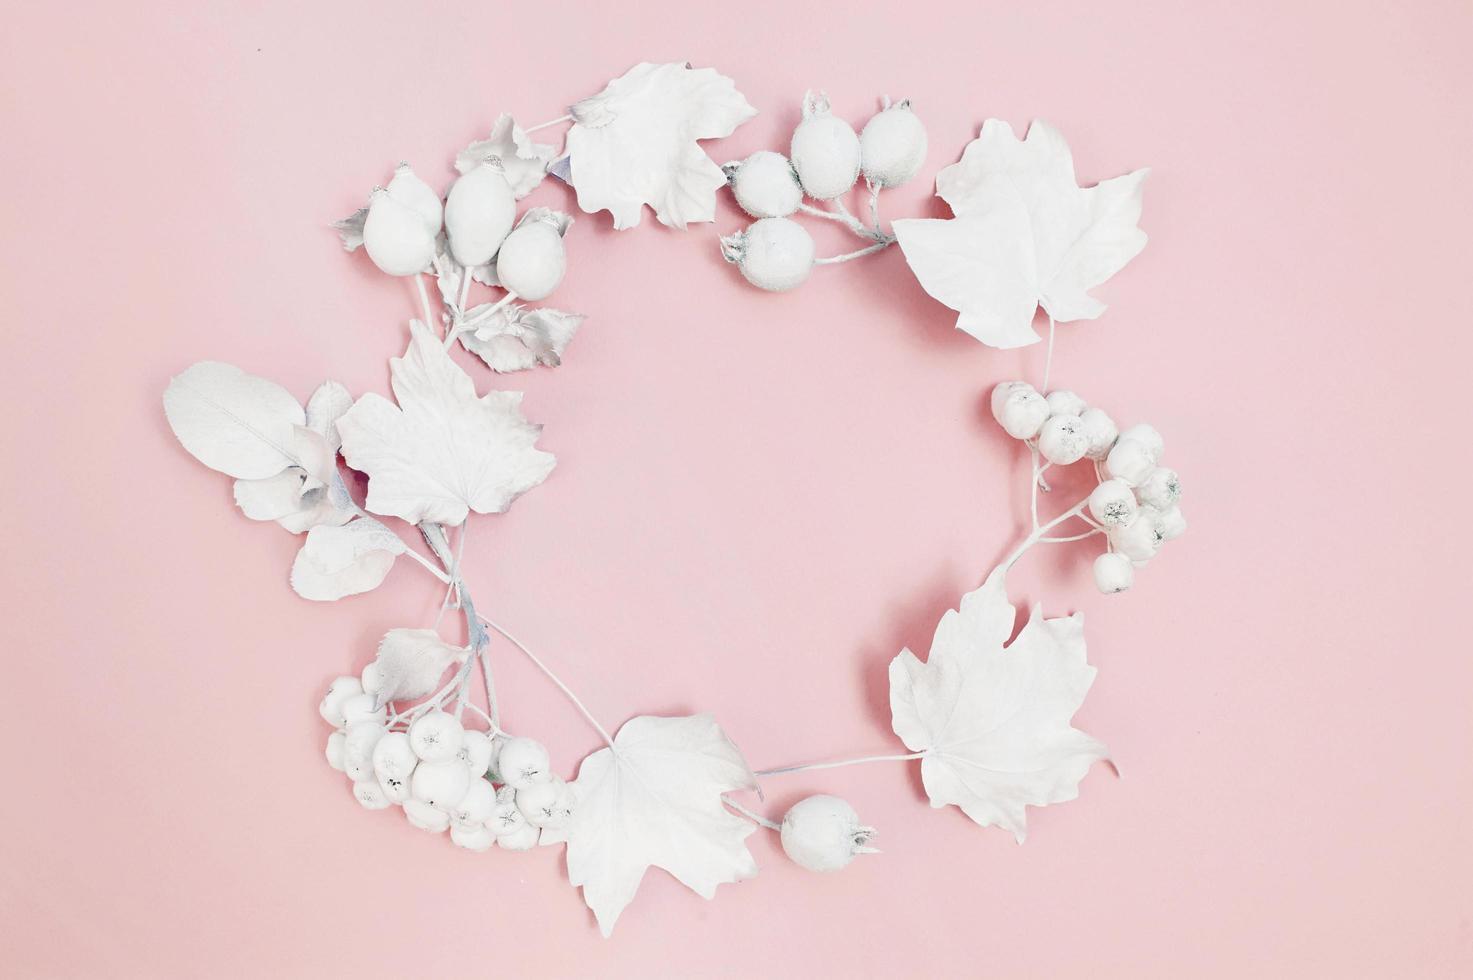 cerchio di bacche bianche e foglie bianche su sfondo rosa foto